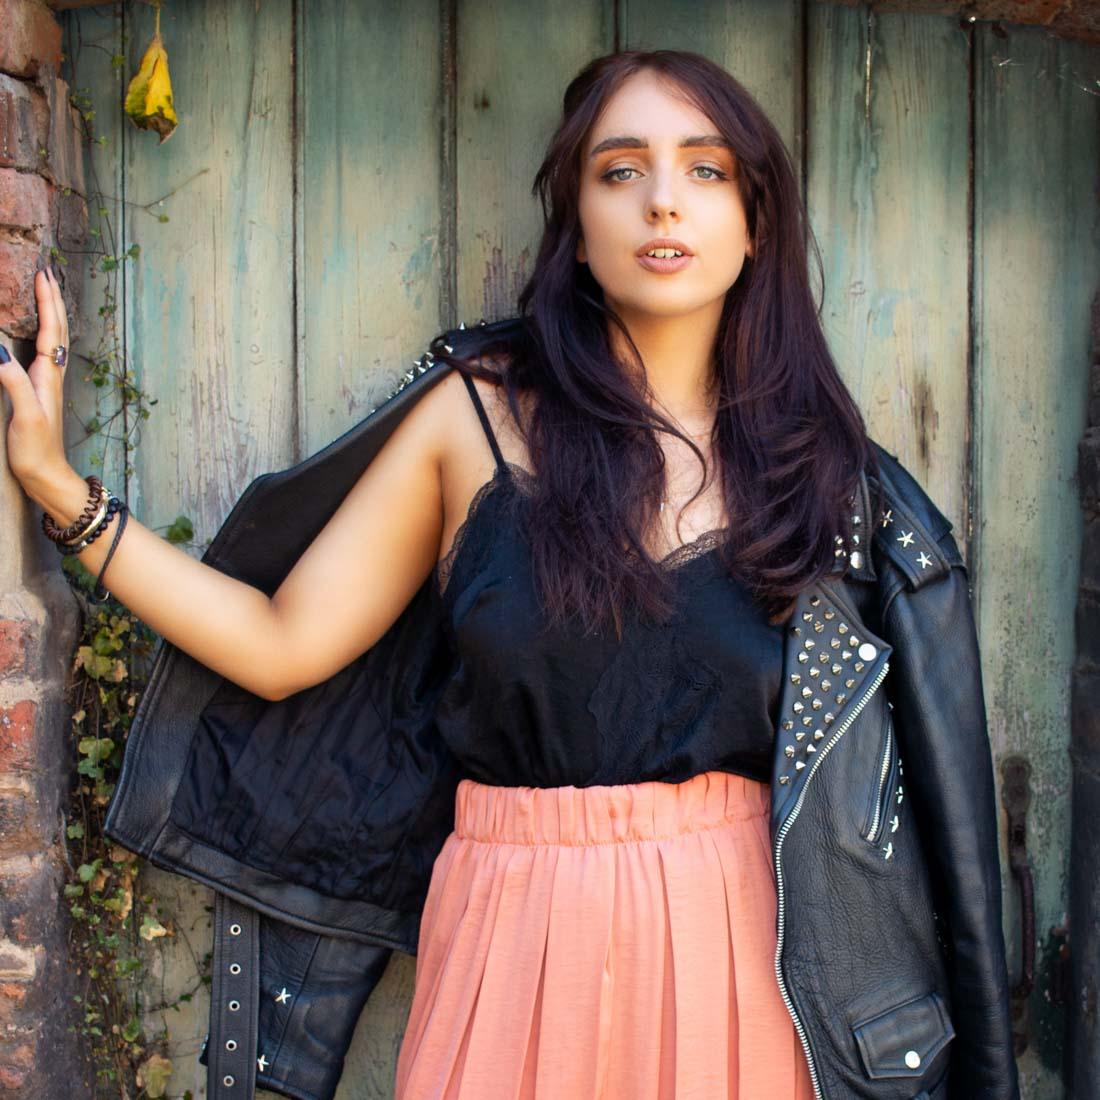 Fashion photographer Birmingham UK, fashion portrait photographer West Midlands